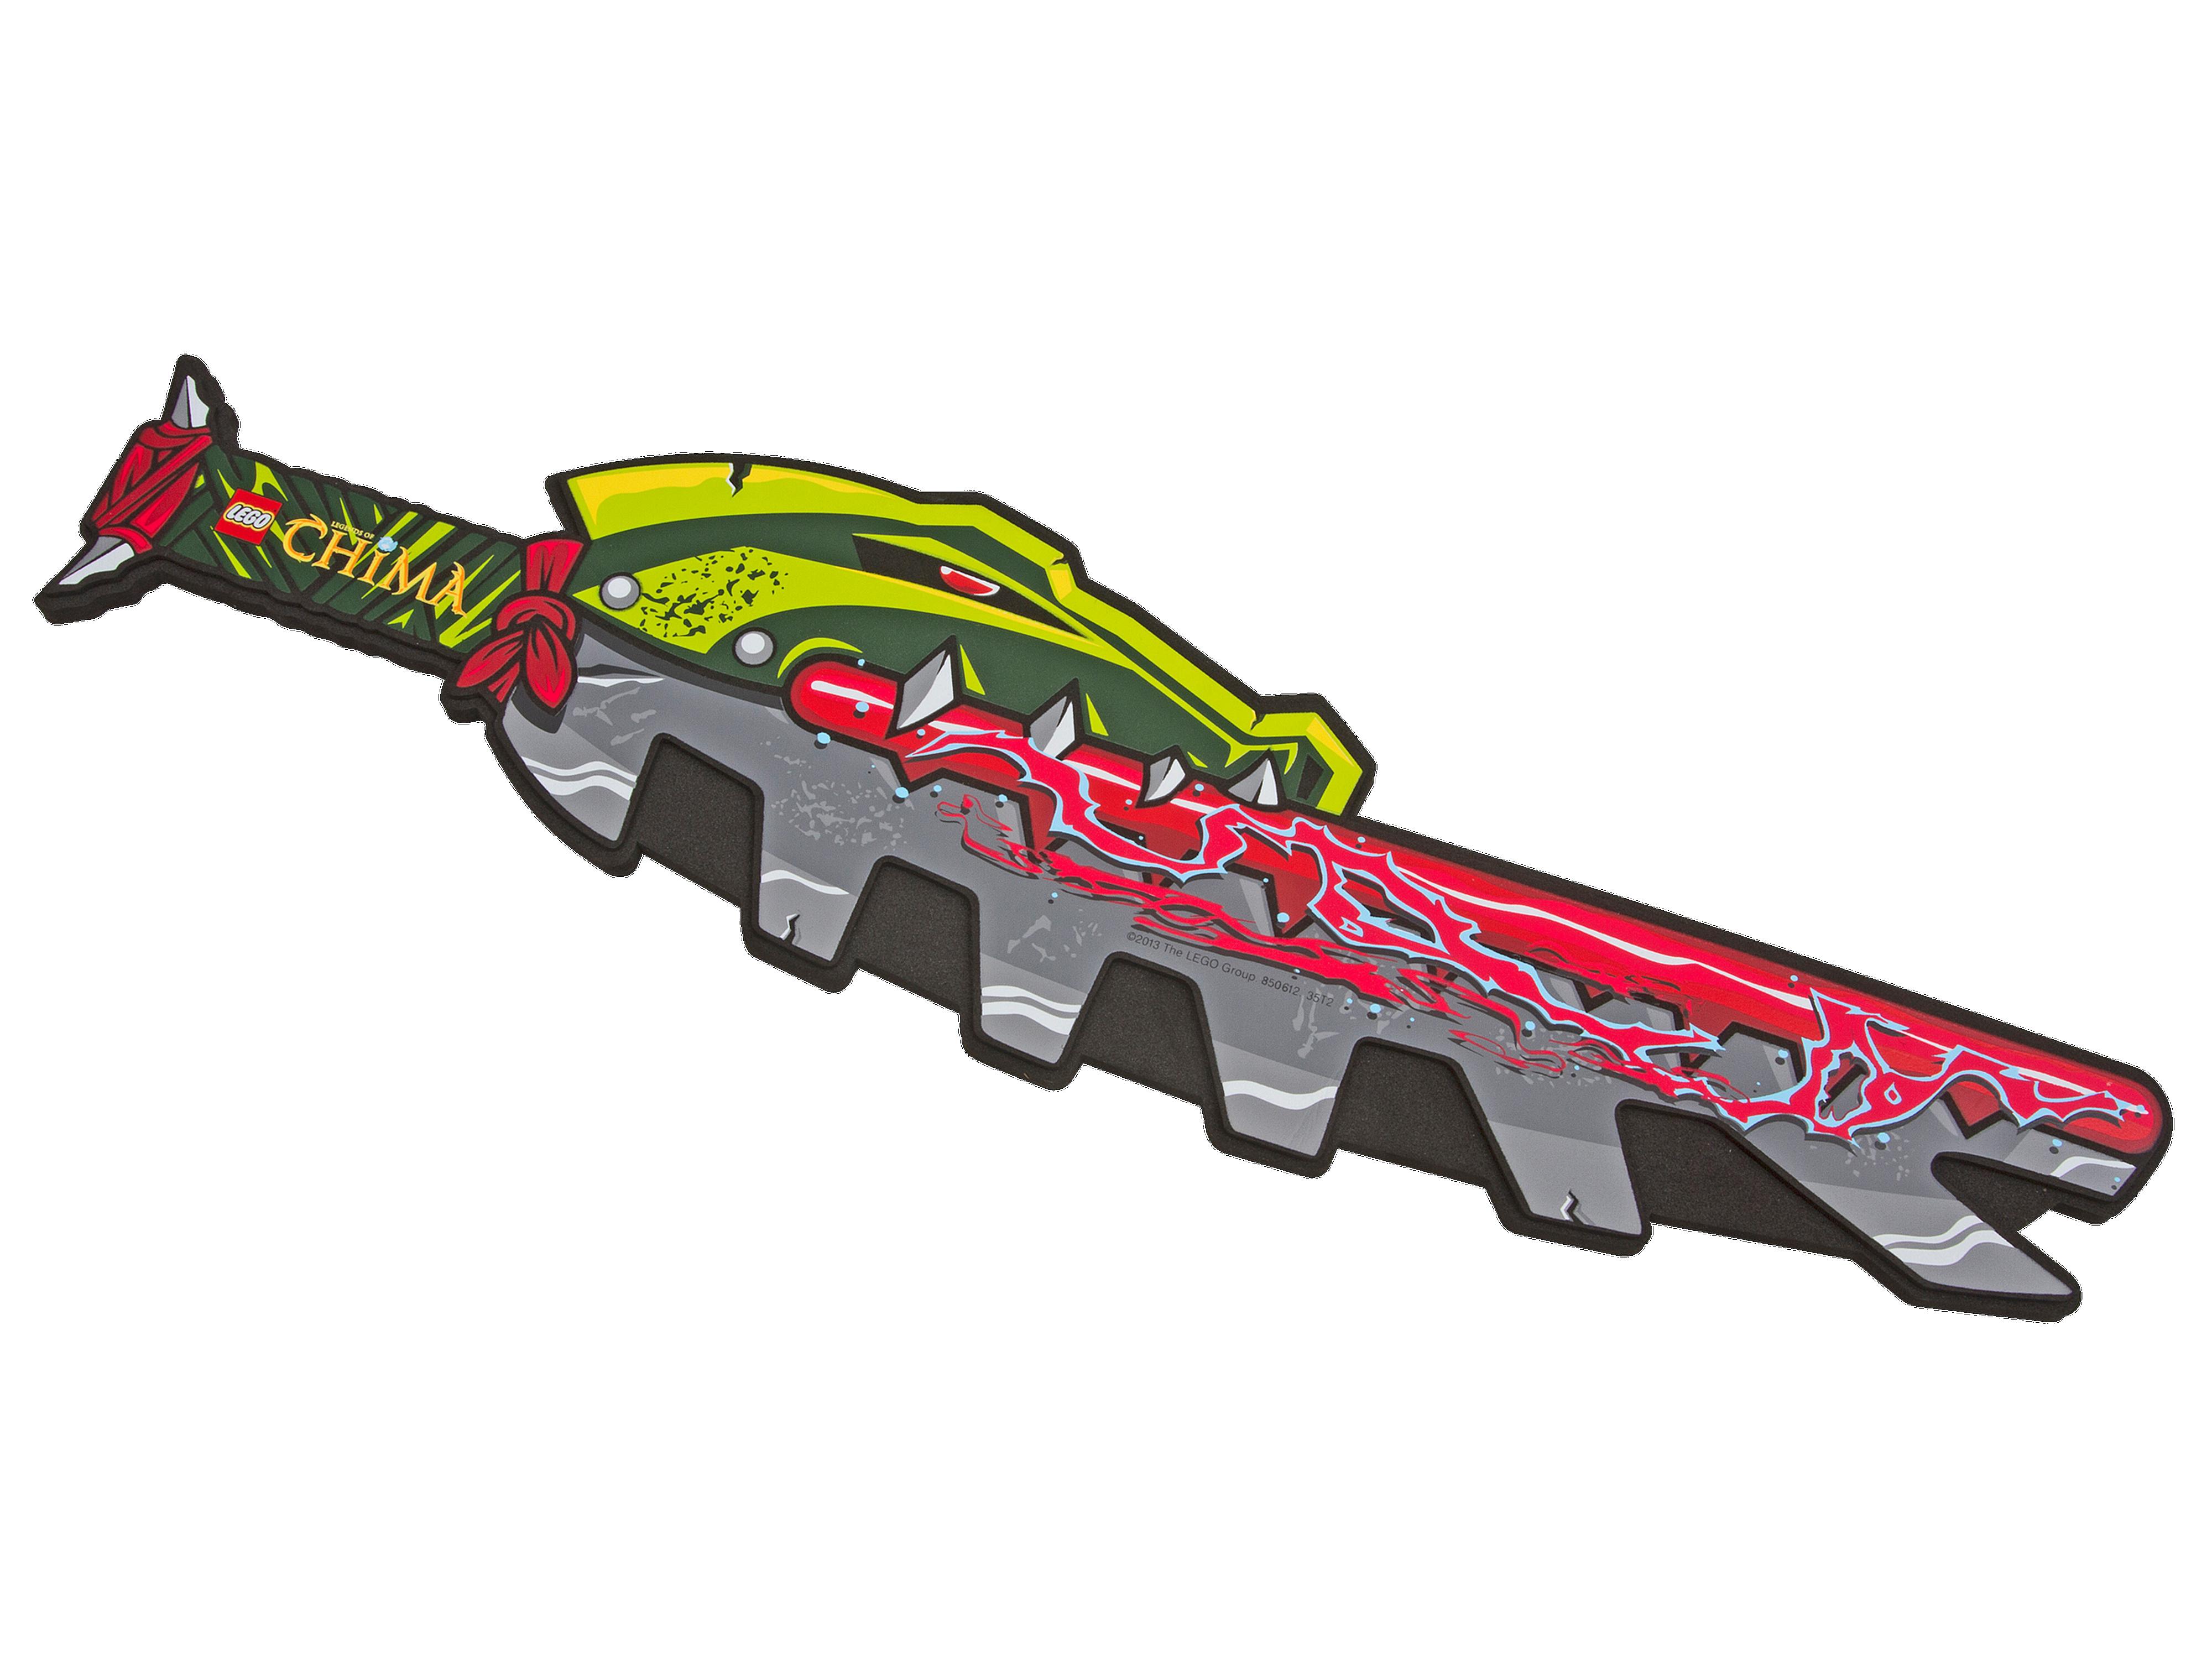 850612 Cragger's Sword